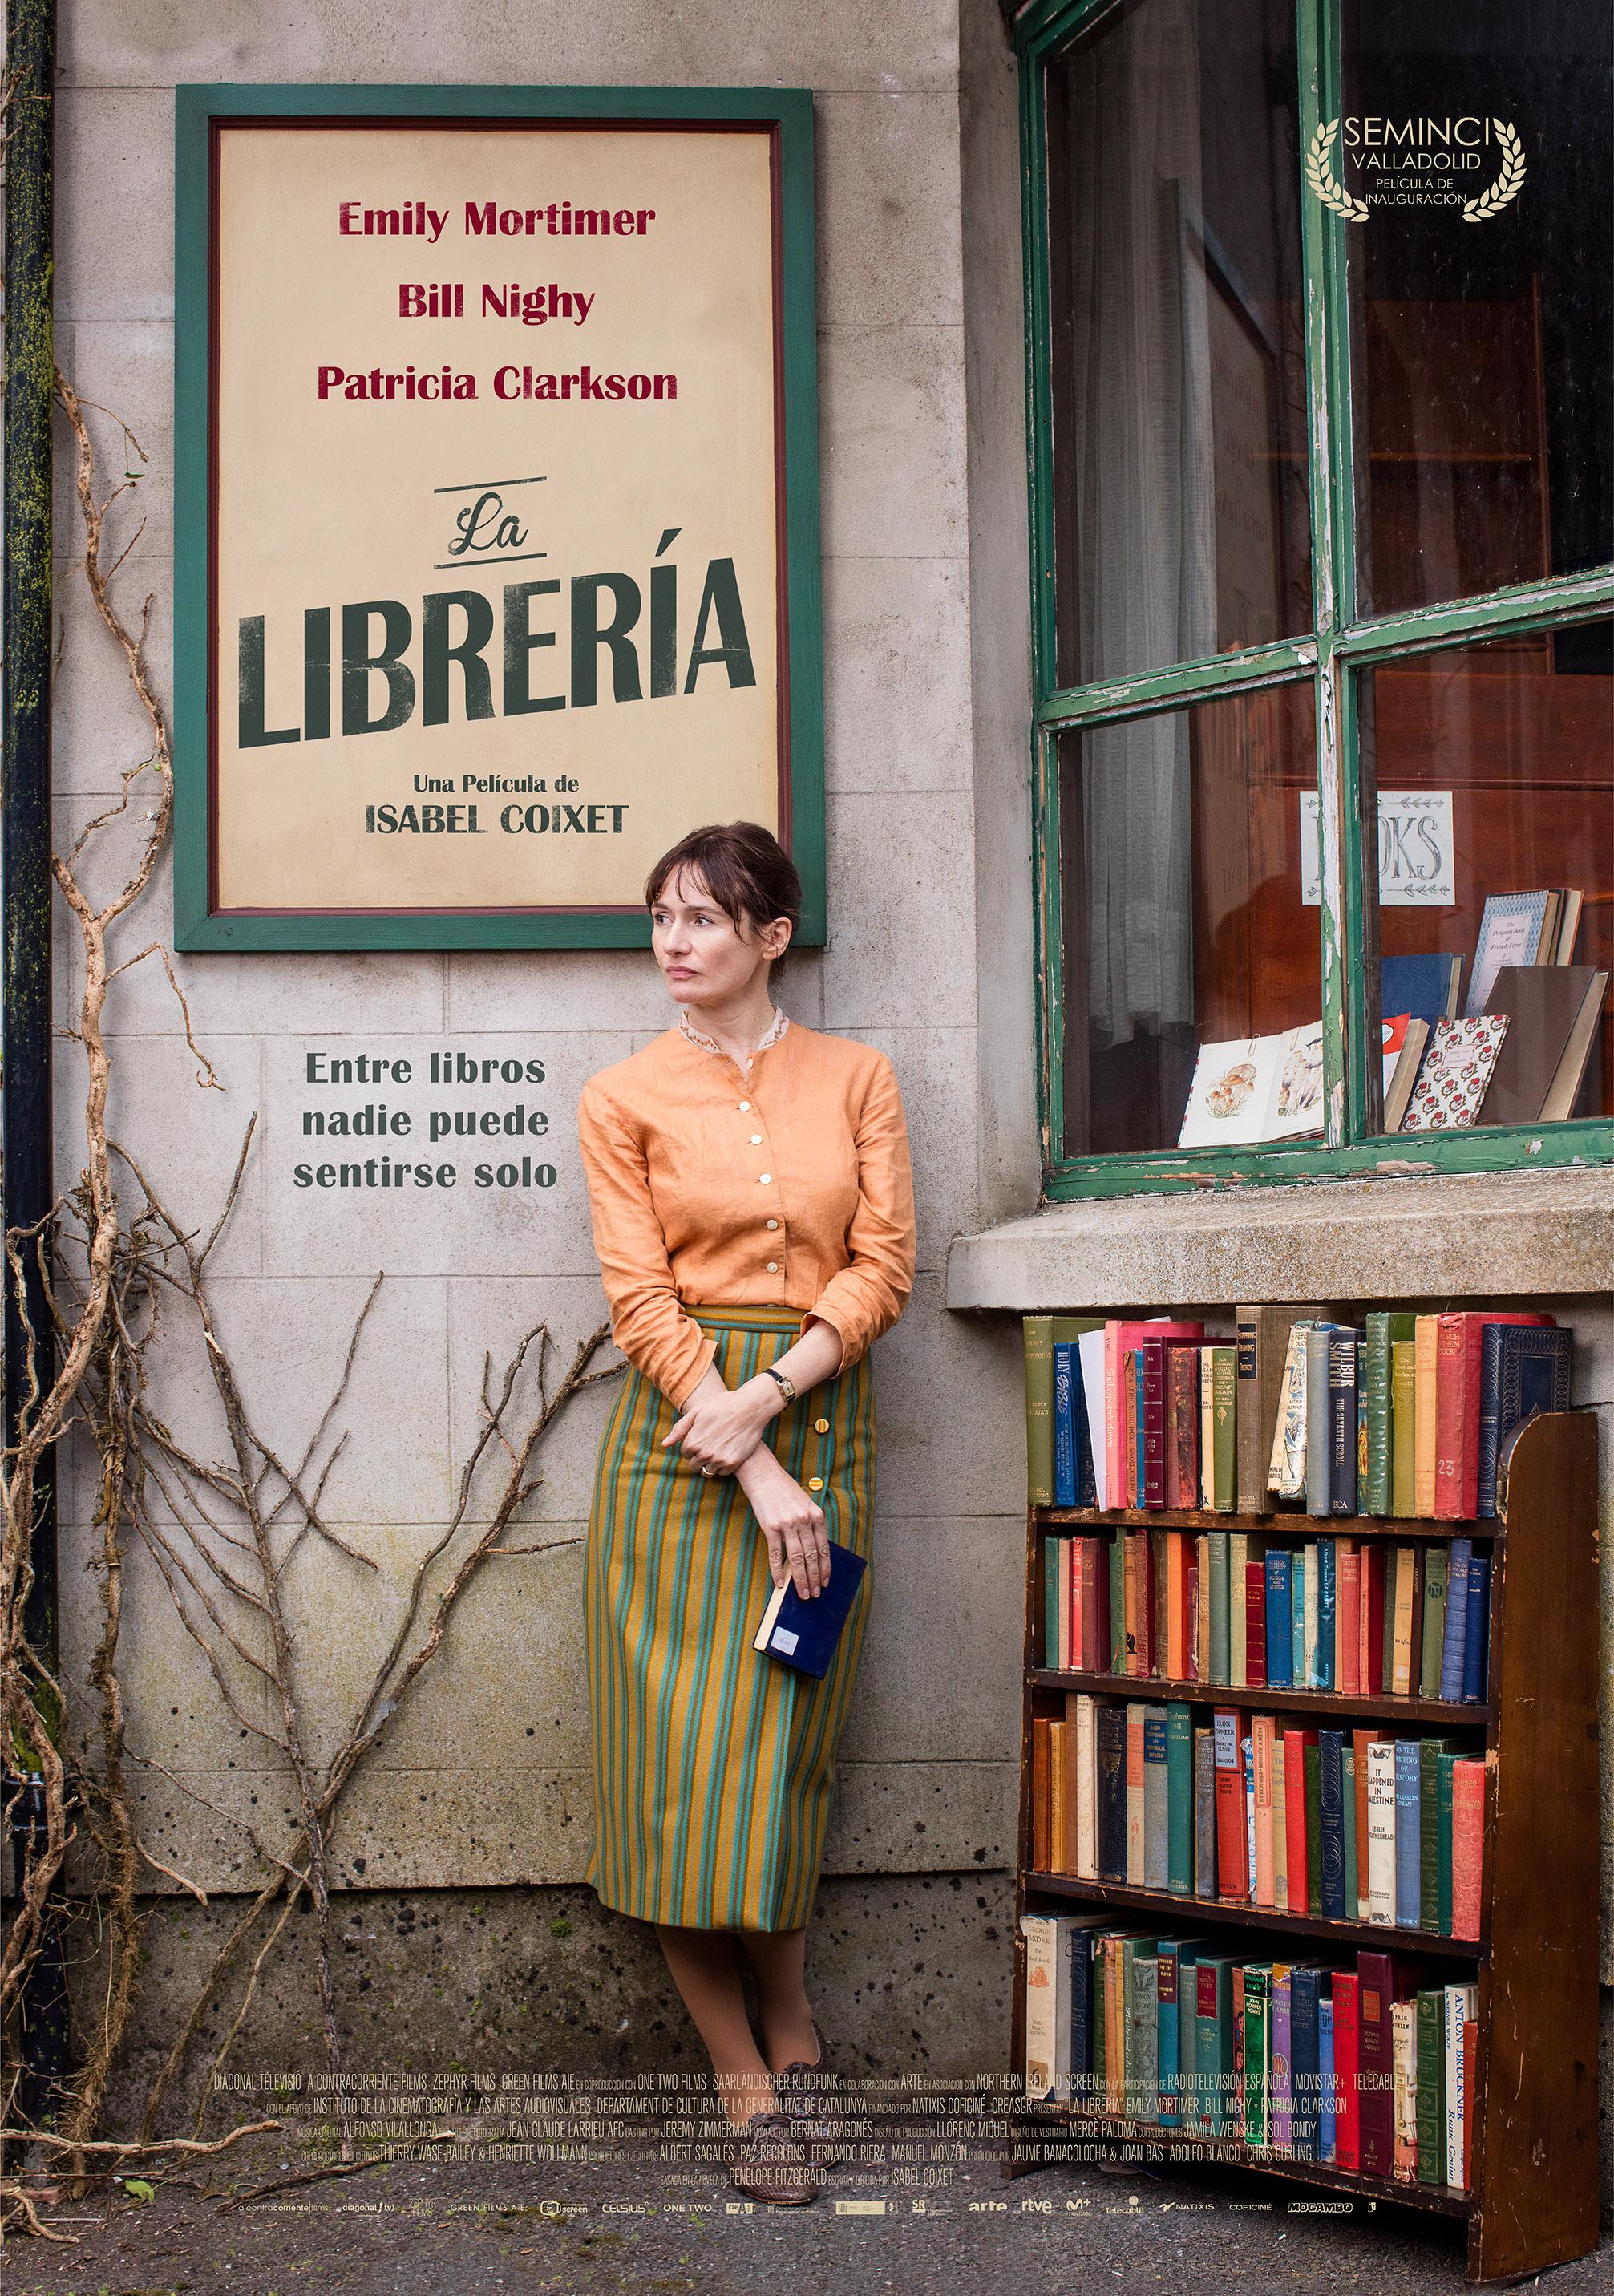 'La librería': Póster de lo nuevo de Isabel Coixet con Emily Mortimer, Bill Nighy y Patricia Clarkson